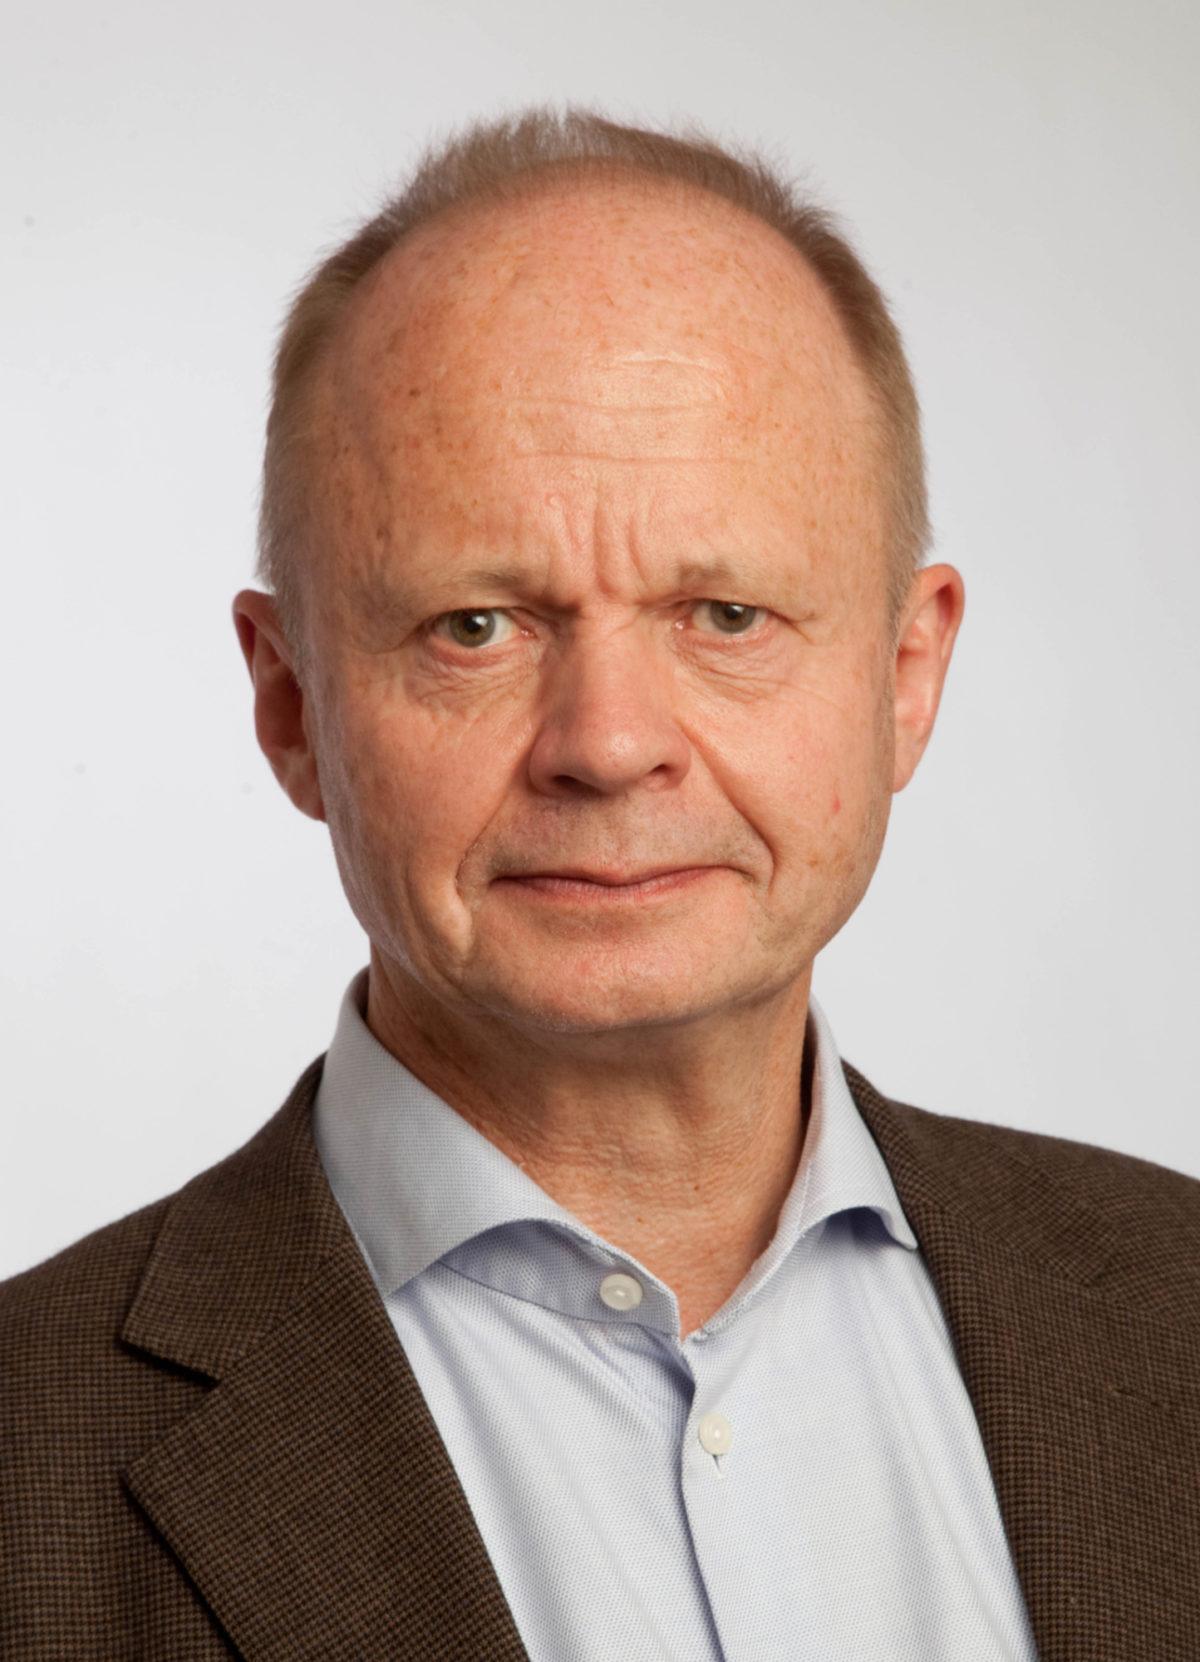 Olav Ulleren slutter som generalsekretær i Akademikerne